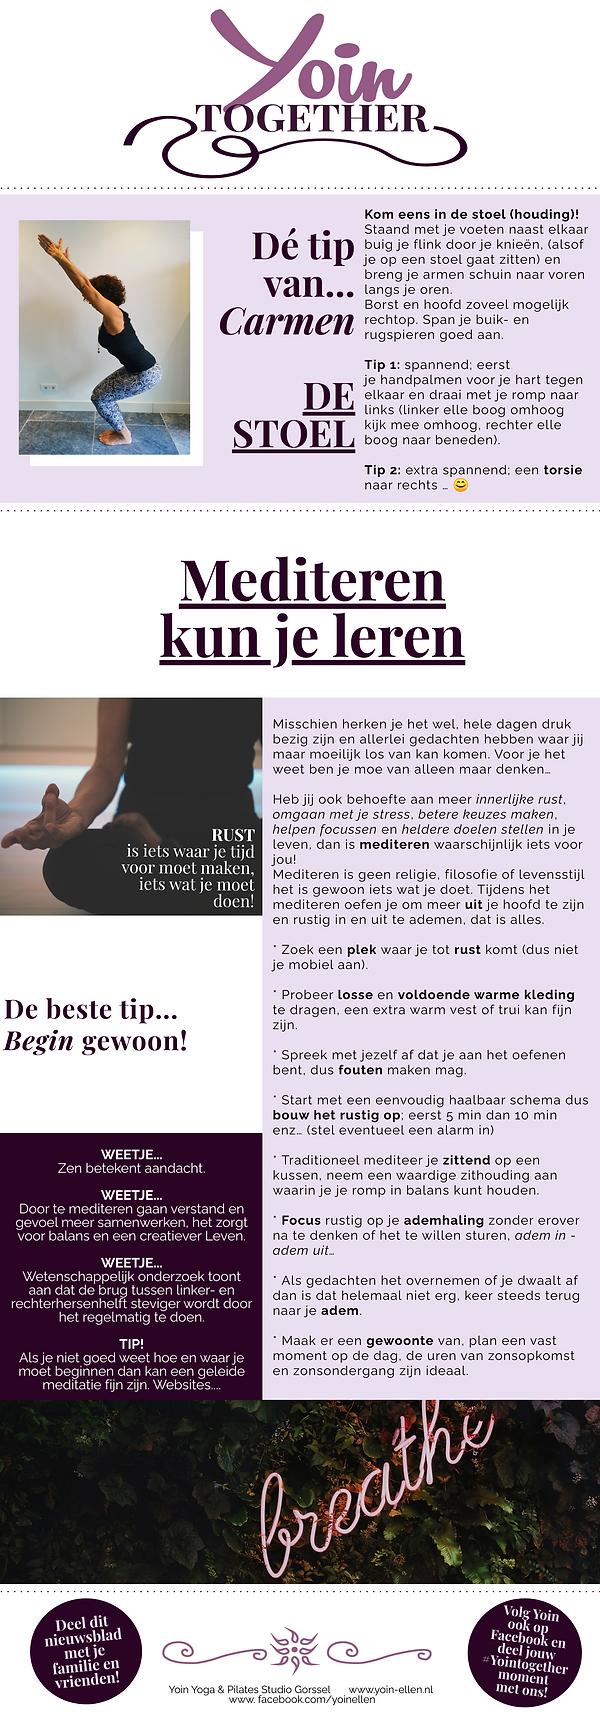 Nieuwsblad week 2 edit 2 .png